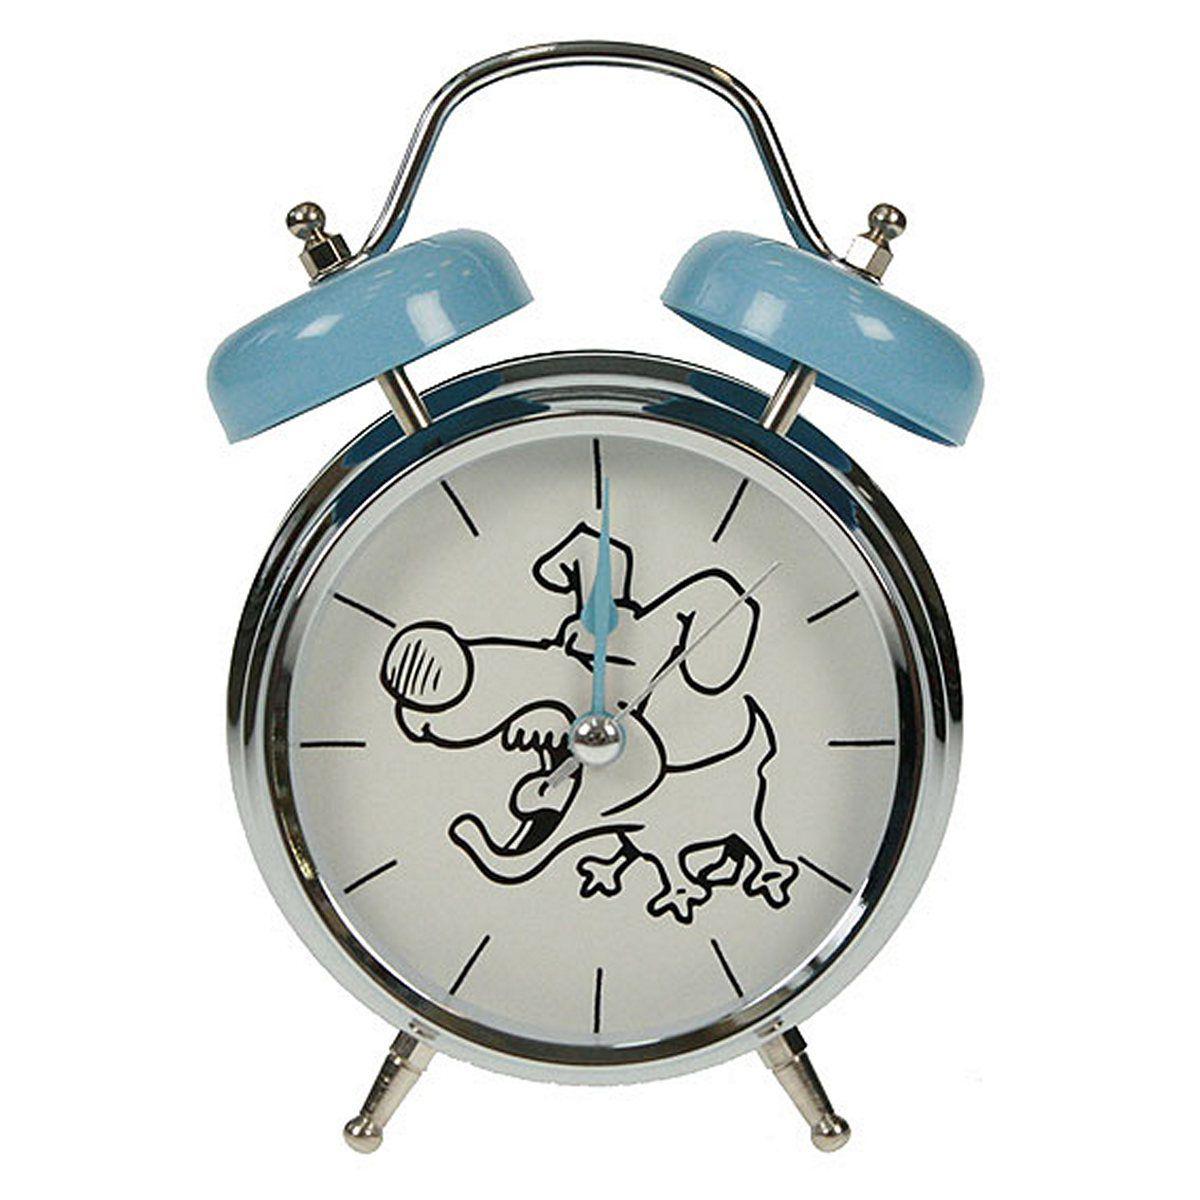 Часы настольные Русские Подарки Собака, с функцией будильника, 12 х 6 х 17 см. 2324112706 (ПО)Настольные кварцевые часы Русские Подарки Собака изготовлены из металла, циферблат защищен стеклом. Оригинальное оформление в виде смешной собаки поднимет настроение, а благодаря функции будильника вы проснетесь вовремя. Часы имеют три стрелки - часовую, минутную и секундную.Такие часы украсят интерьер дома или рабочий стол в офисе. Также часы могут стать уникальным, полезным подарком для родственников, коллег, знакомых и близких.Часы работают от батареек типа АА (в комплект не входят).